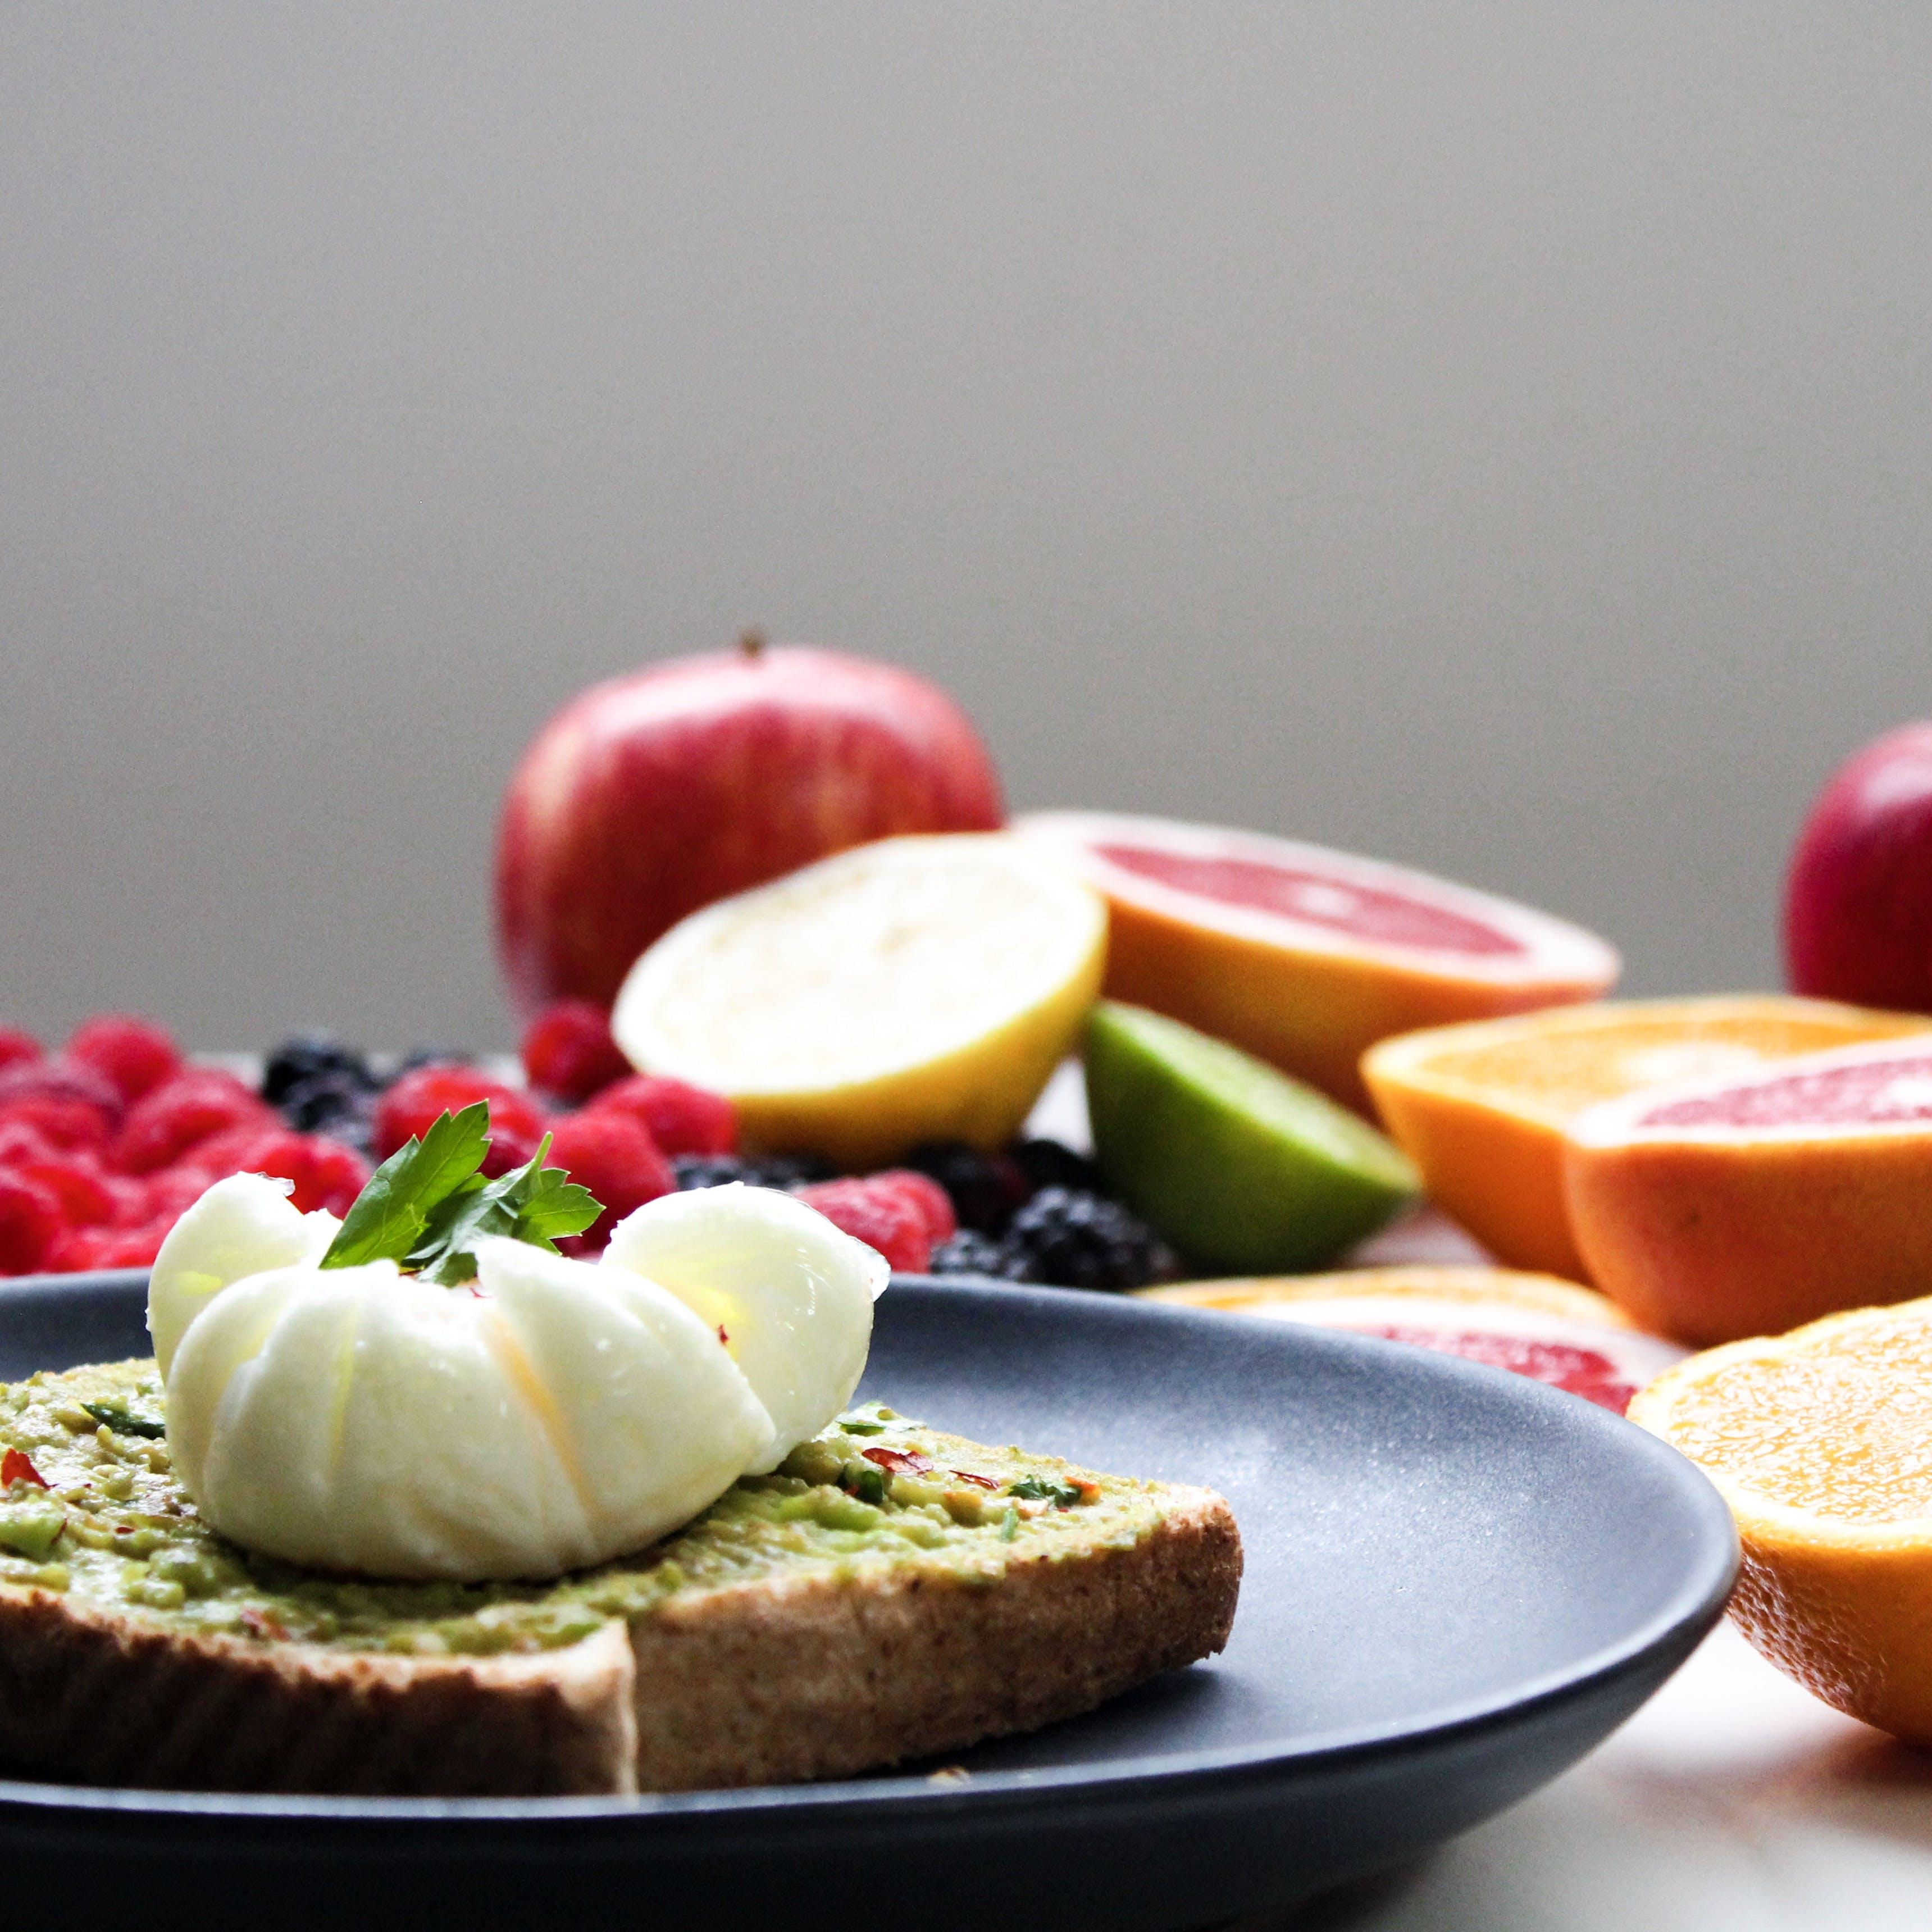 Gratis lagerfoto af brød, close-up, delikat, flødeskum